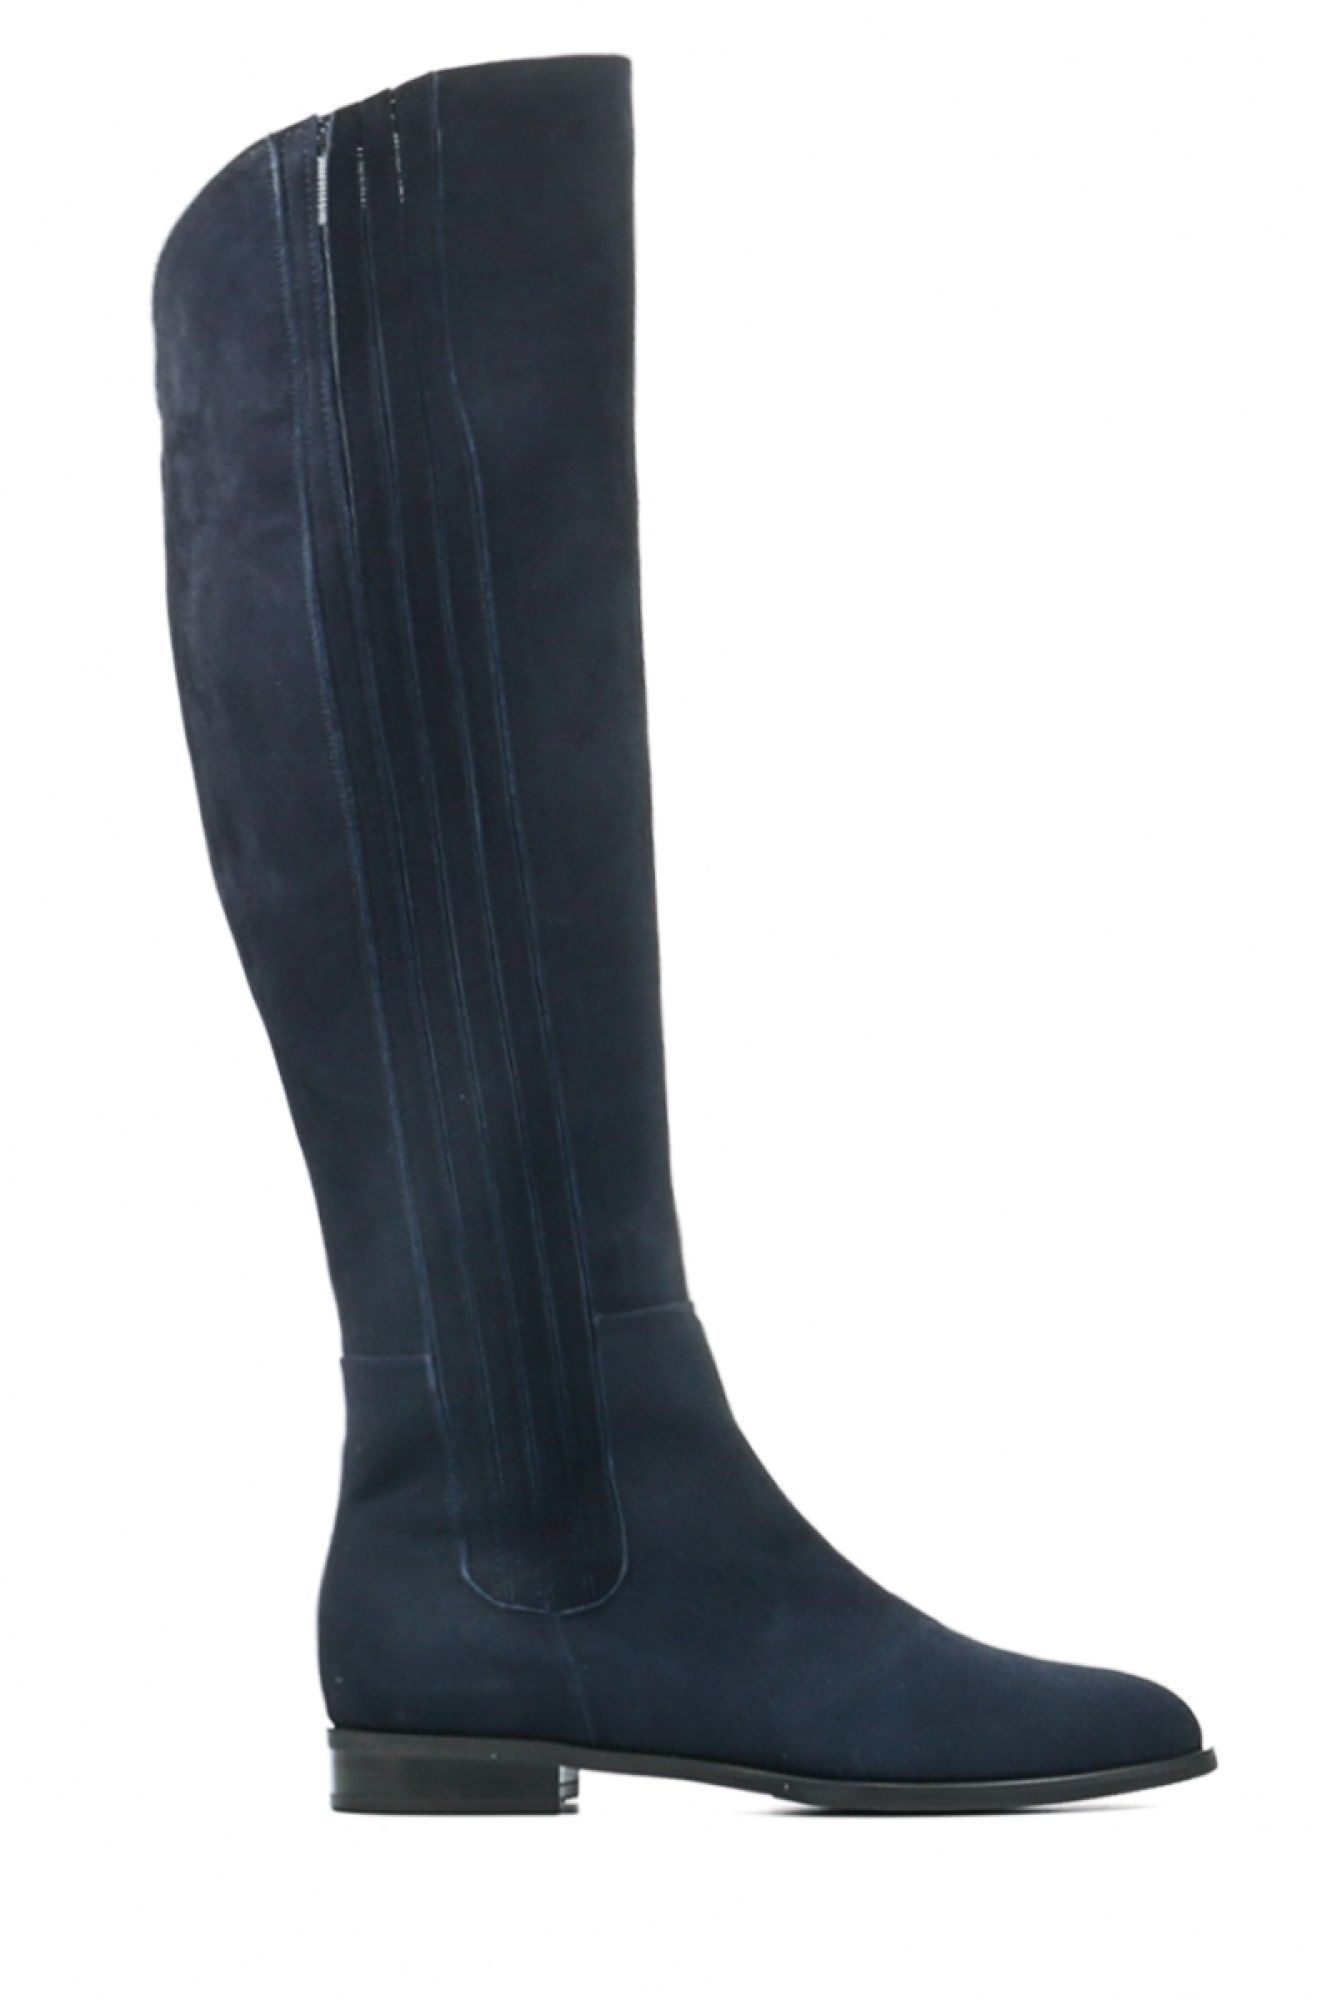 Lilian Dames Laarzen Zwart 10457 | Van den Assem